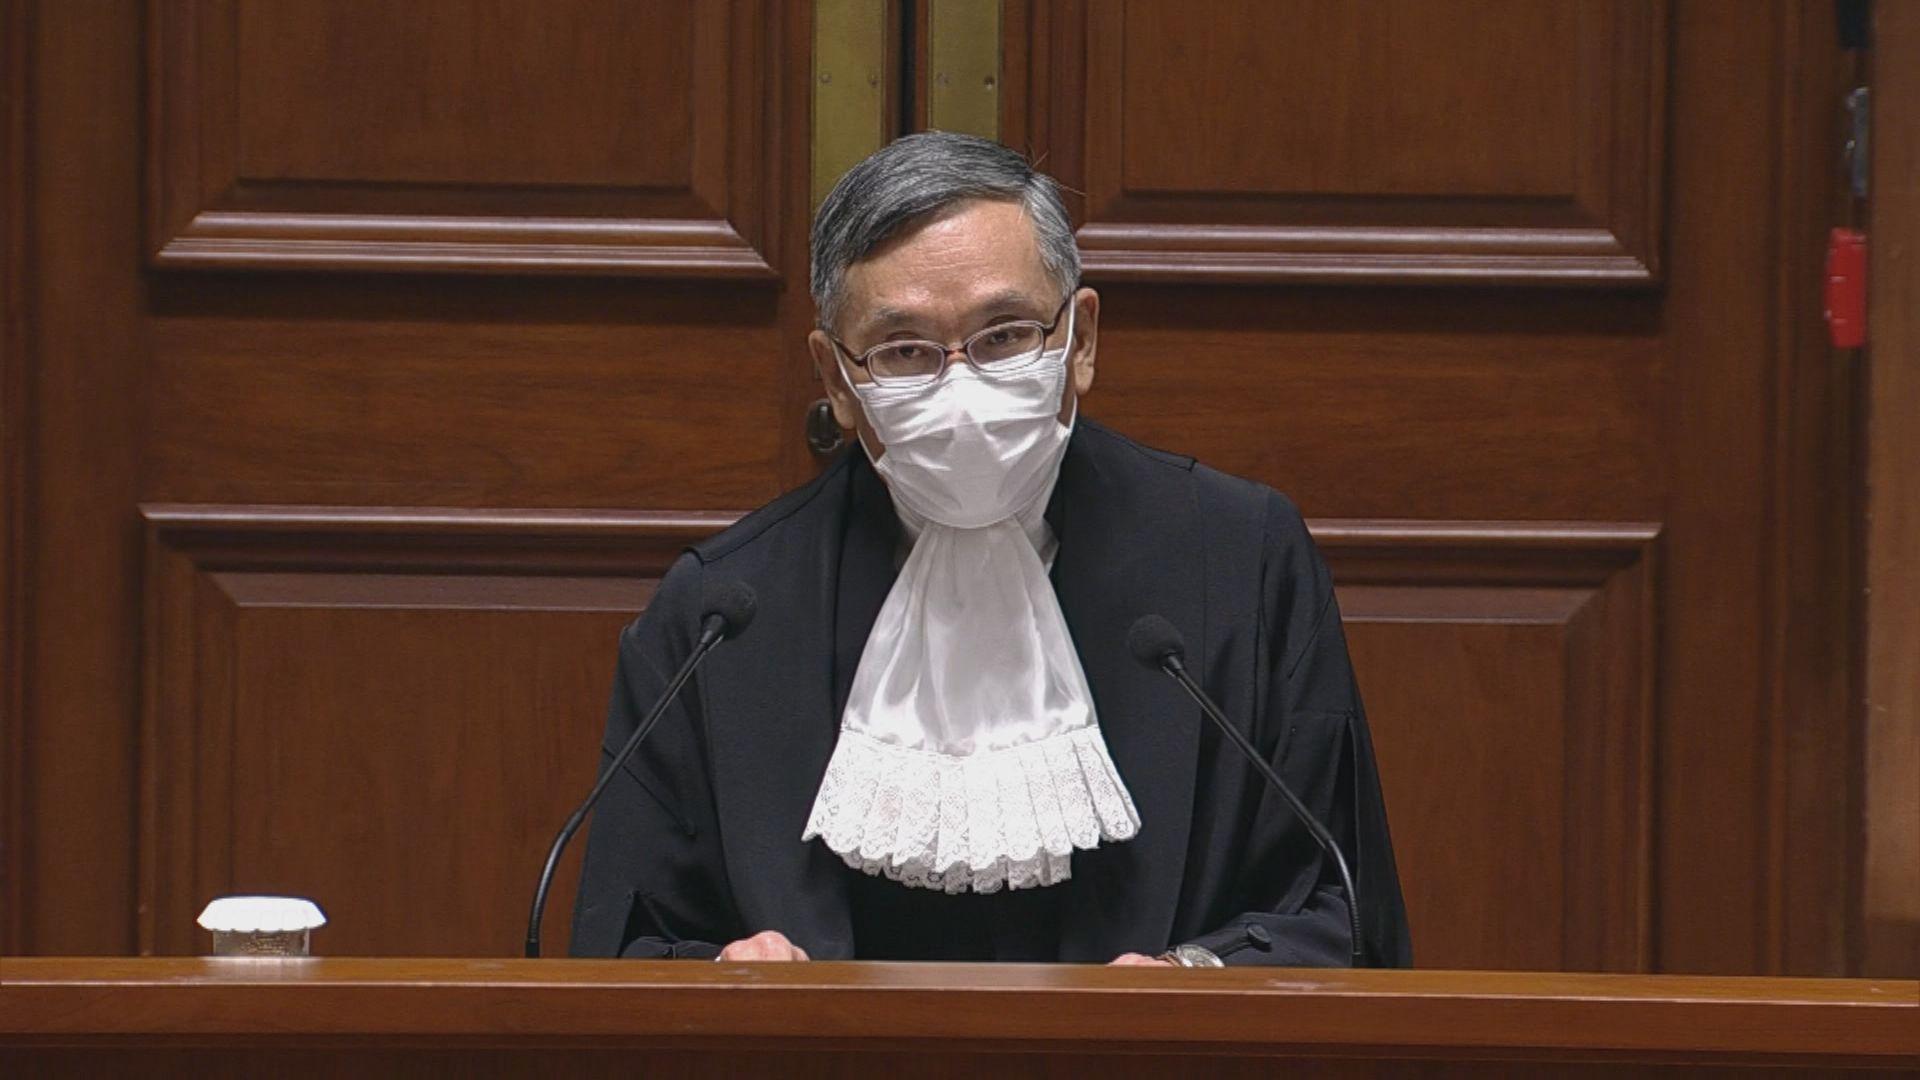 張舉能:法官審案須自我克制 做到一視同仁